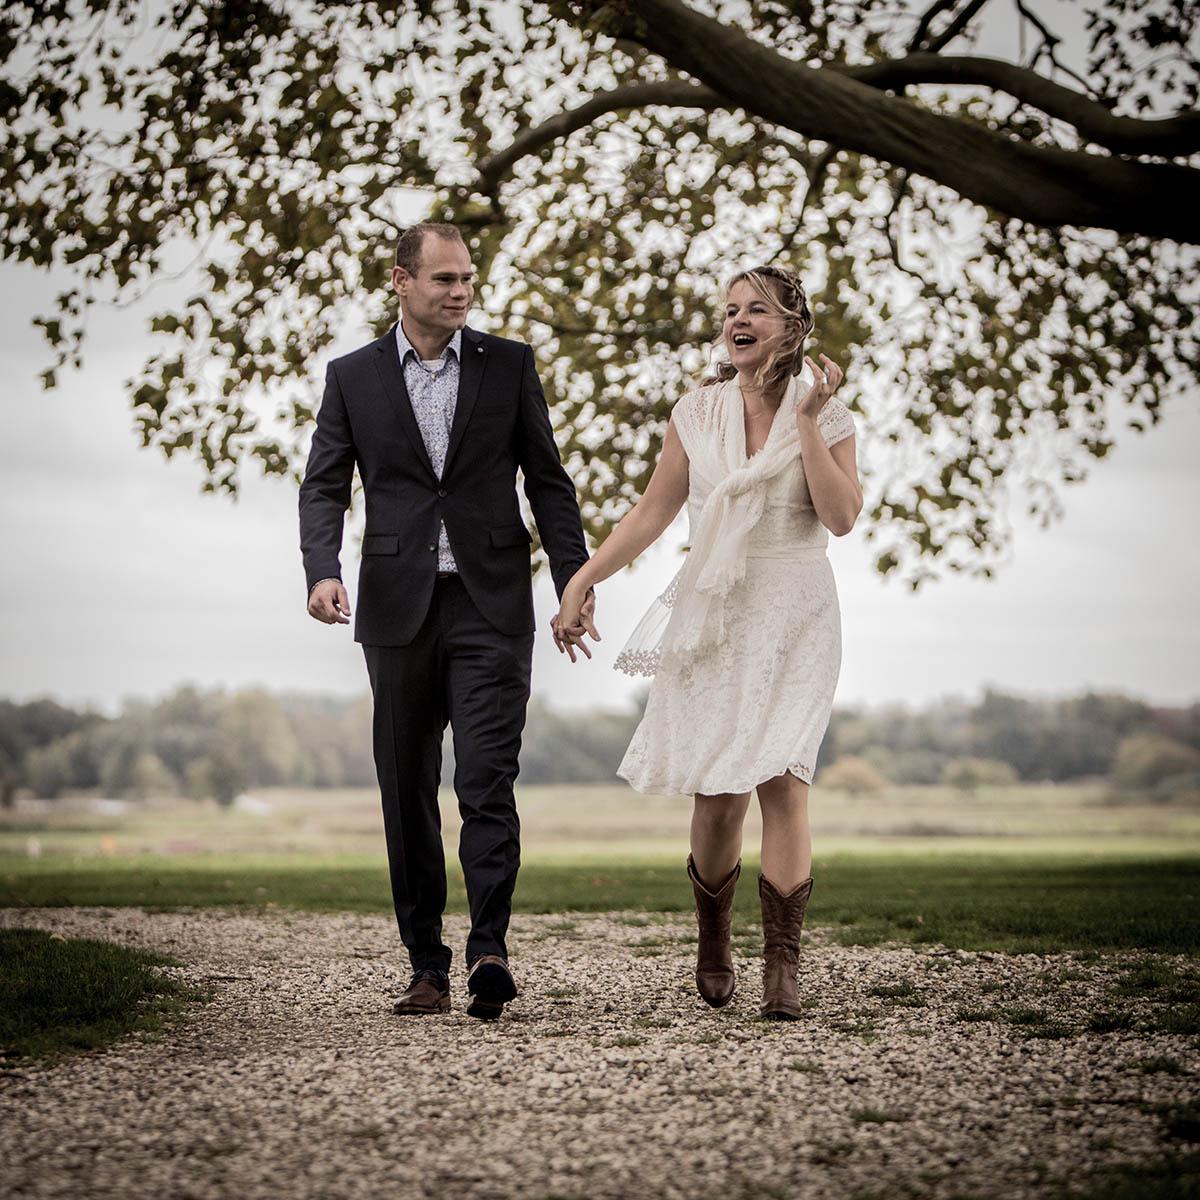 Trouwfotograaf Den Bosch maakt trouwreportage